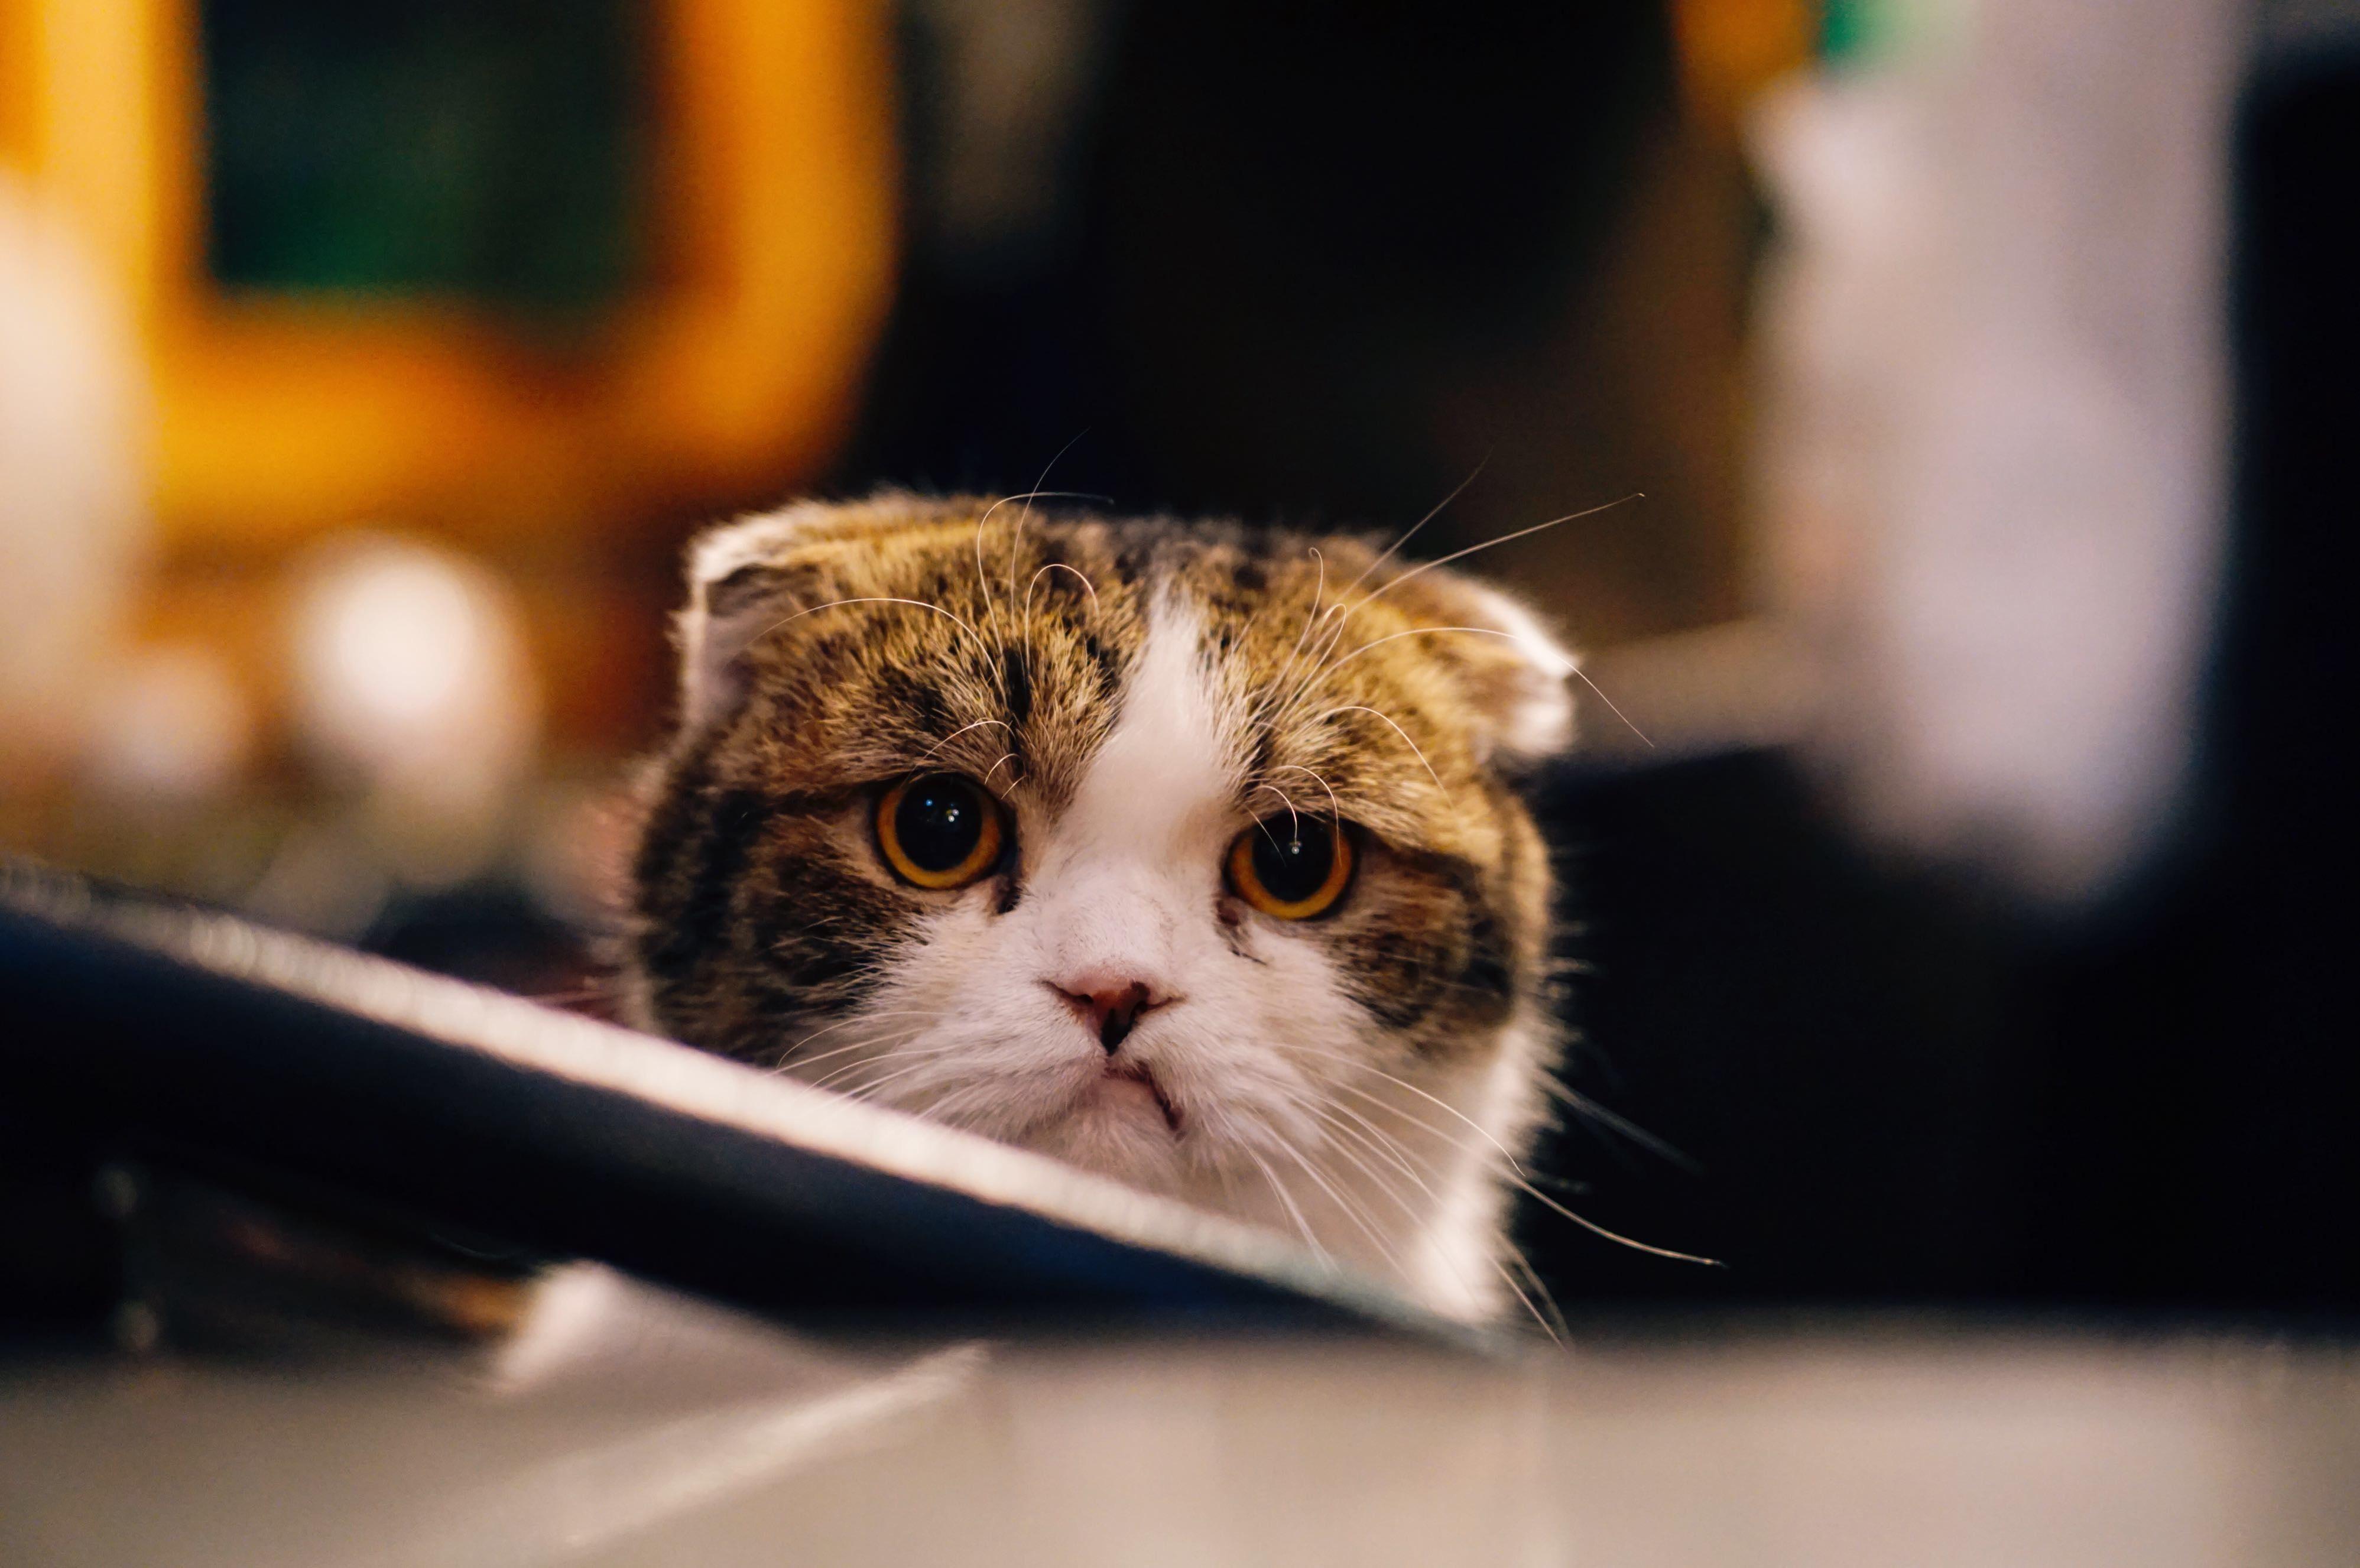 しょんぼり顔の猫